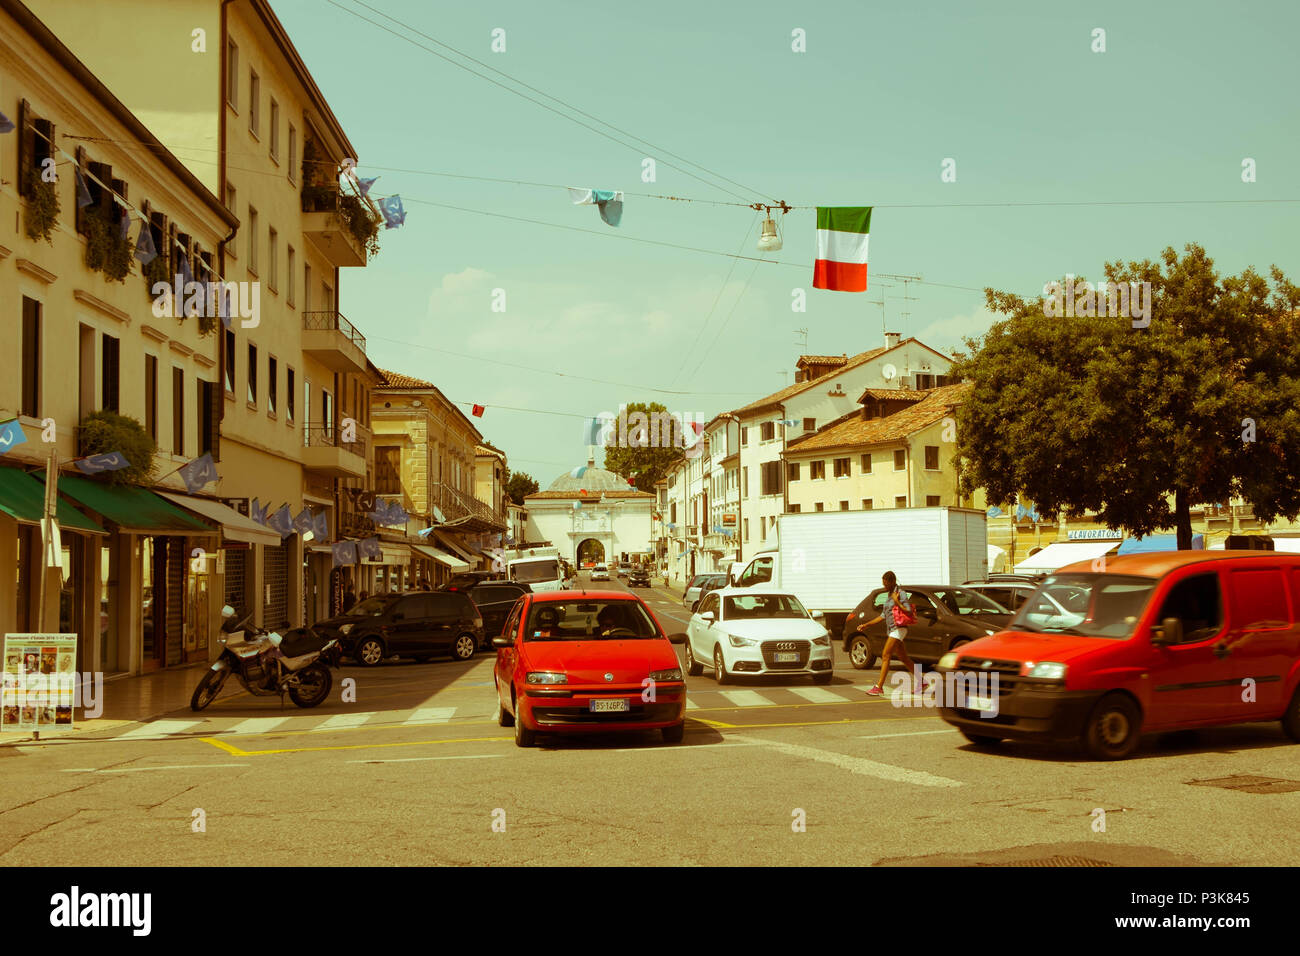 Une voiture doit attendre une autre voiture pour passer à une intersection. Un piéton marche sur le passage piétons. C'est la vie quotidienne dans la ville de Trévise. Photo Stock